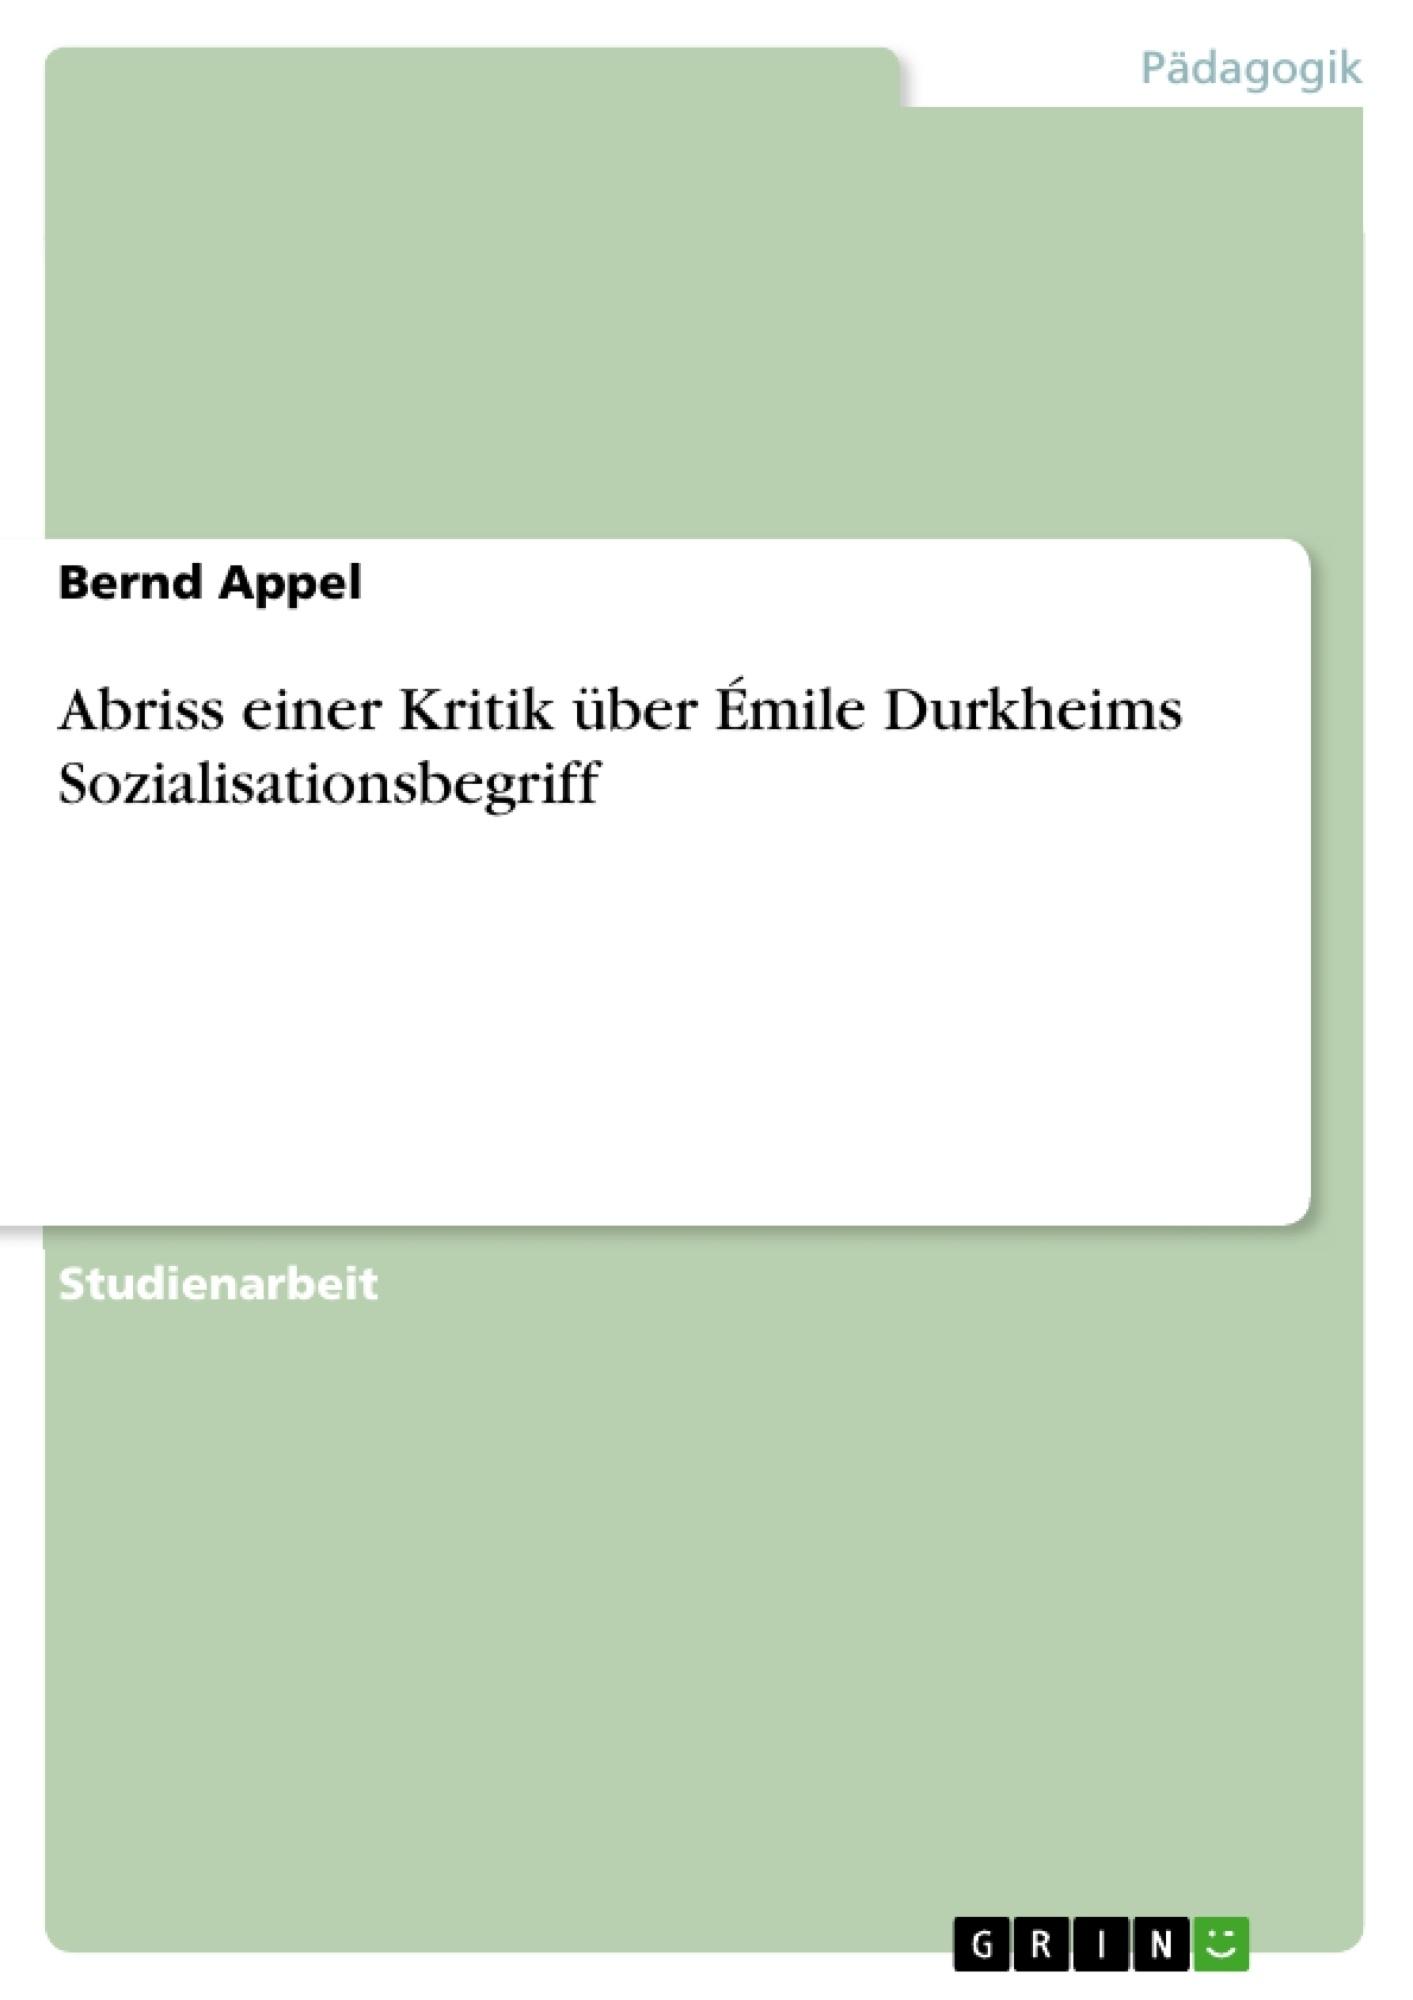 Titel: Abriss einer Kritik über Émile Durkheims Sozialisationsbegriff